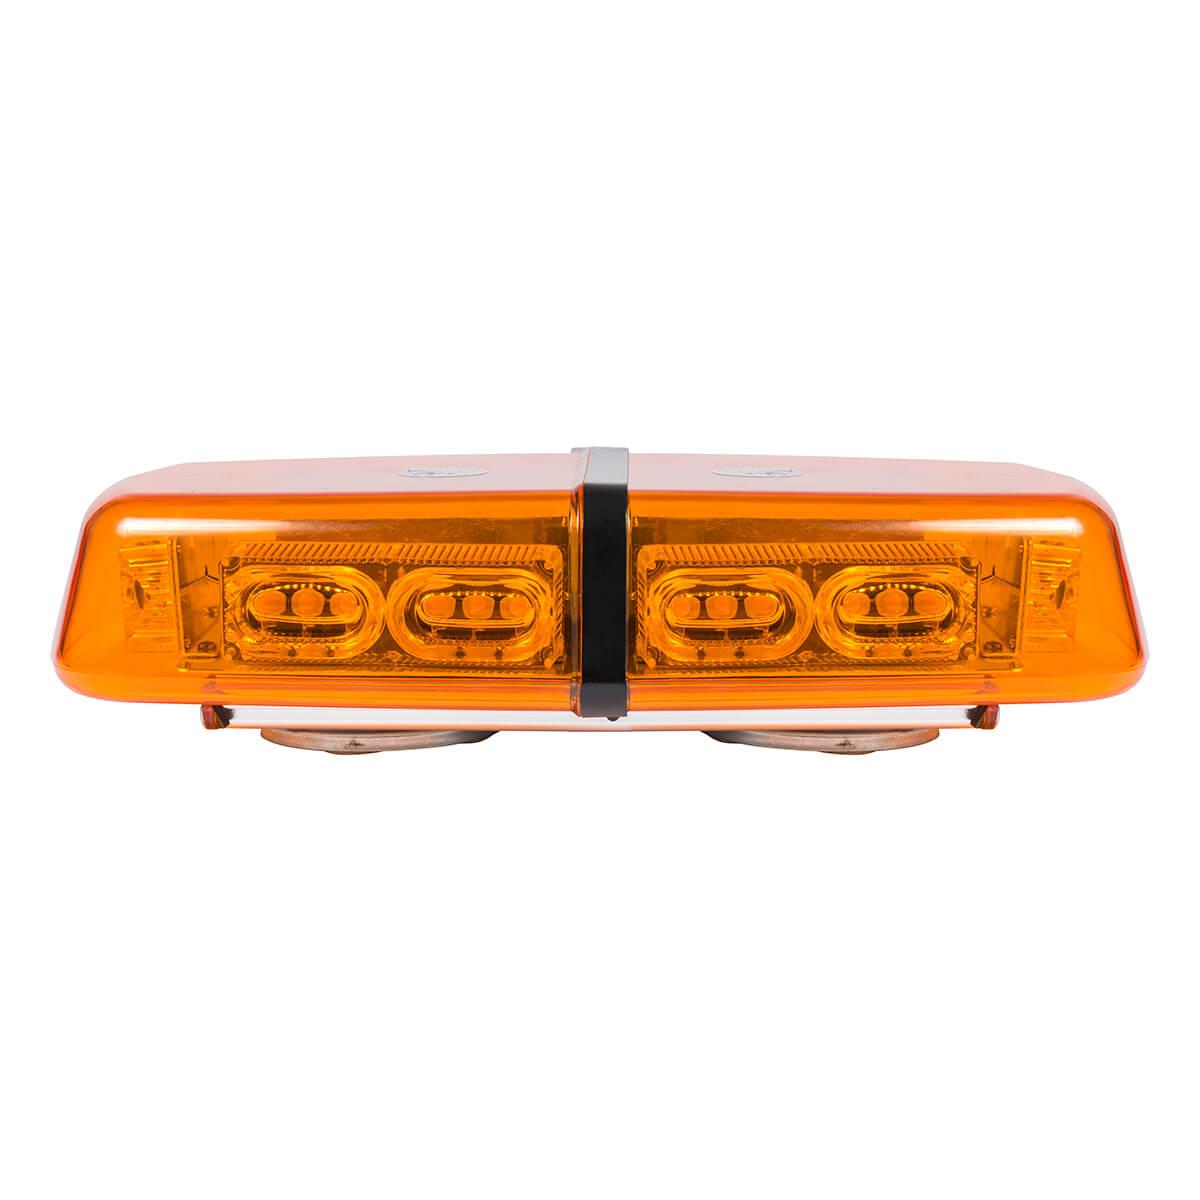 12V LED Safety Light Bar